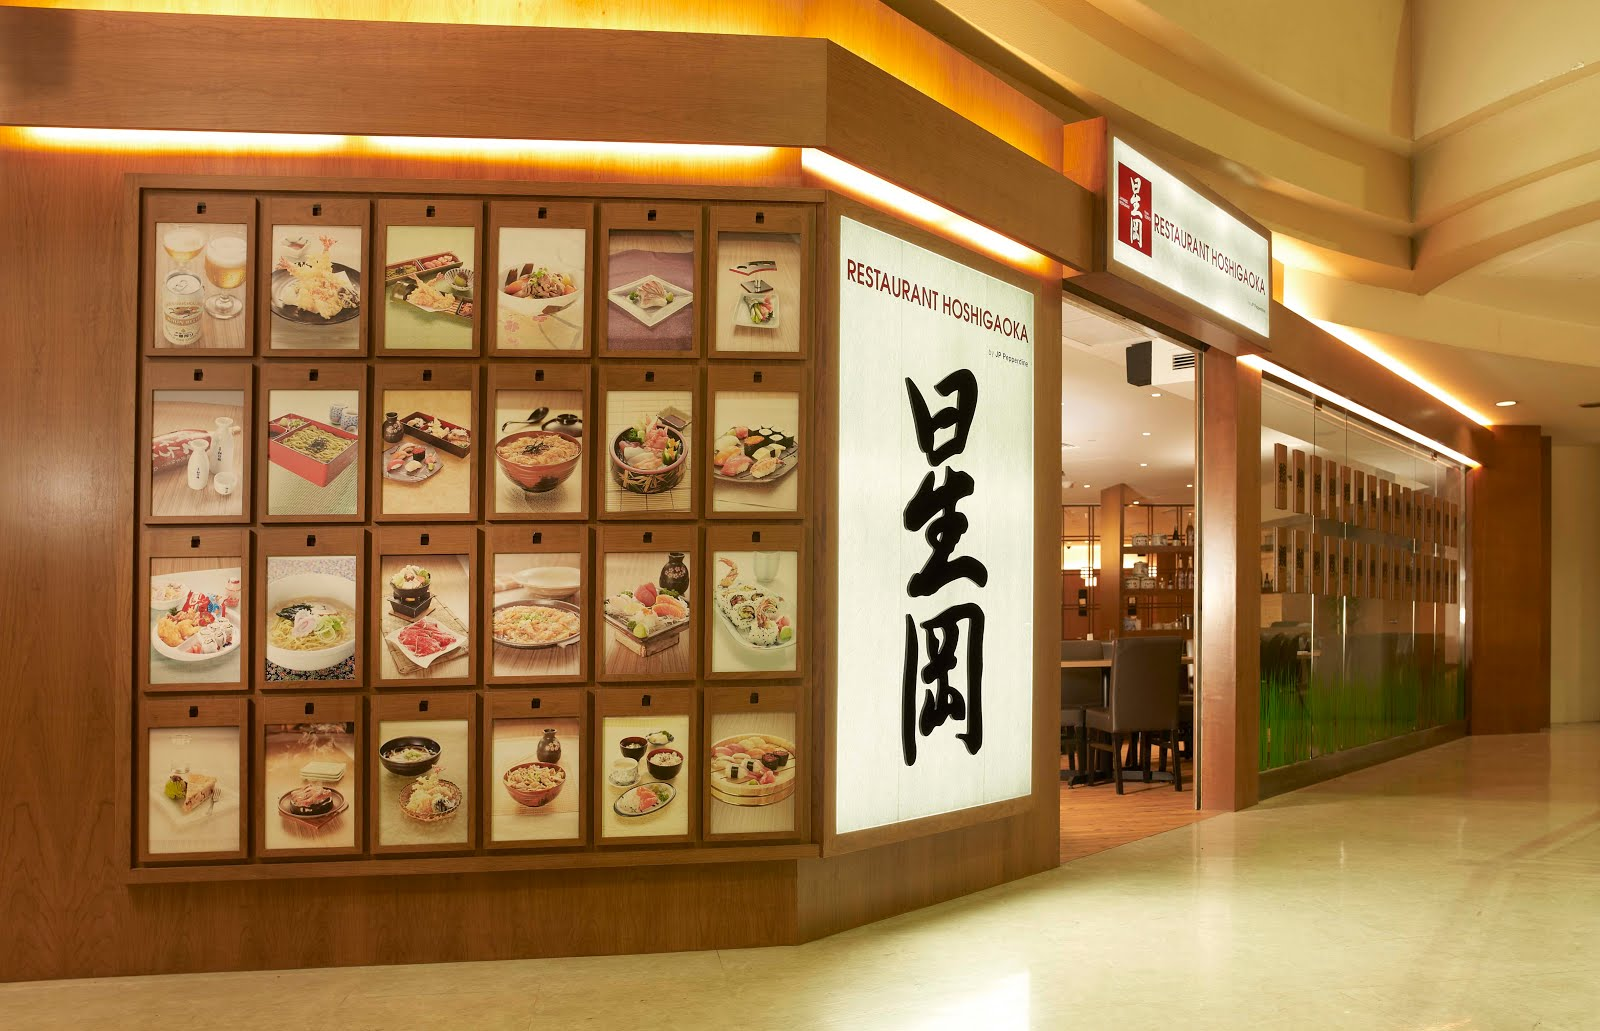 小小食界 Eatz a Small World: December 2010